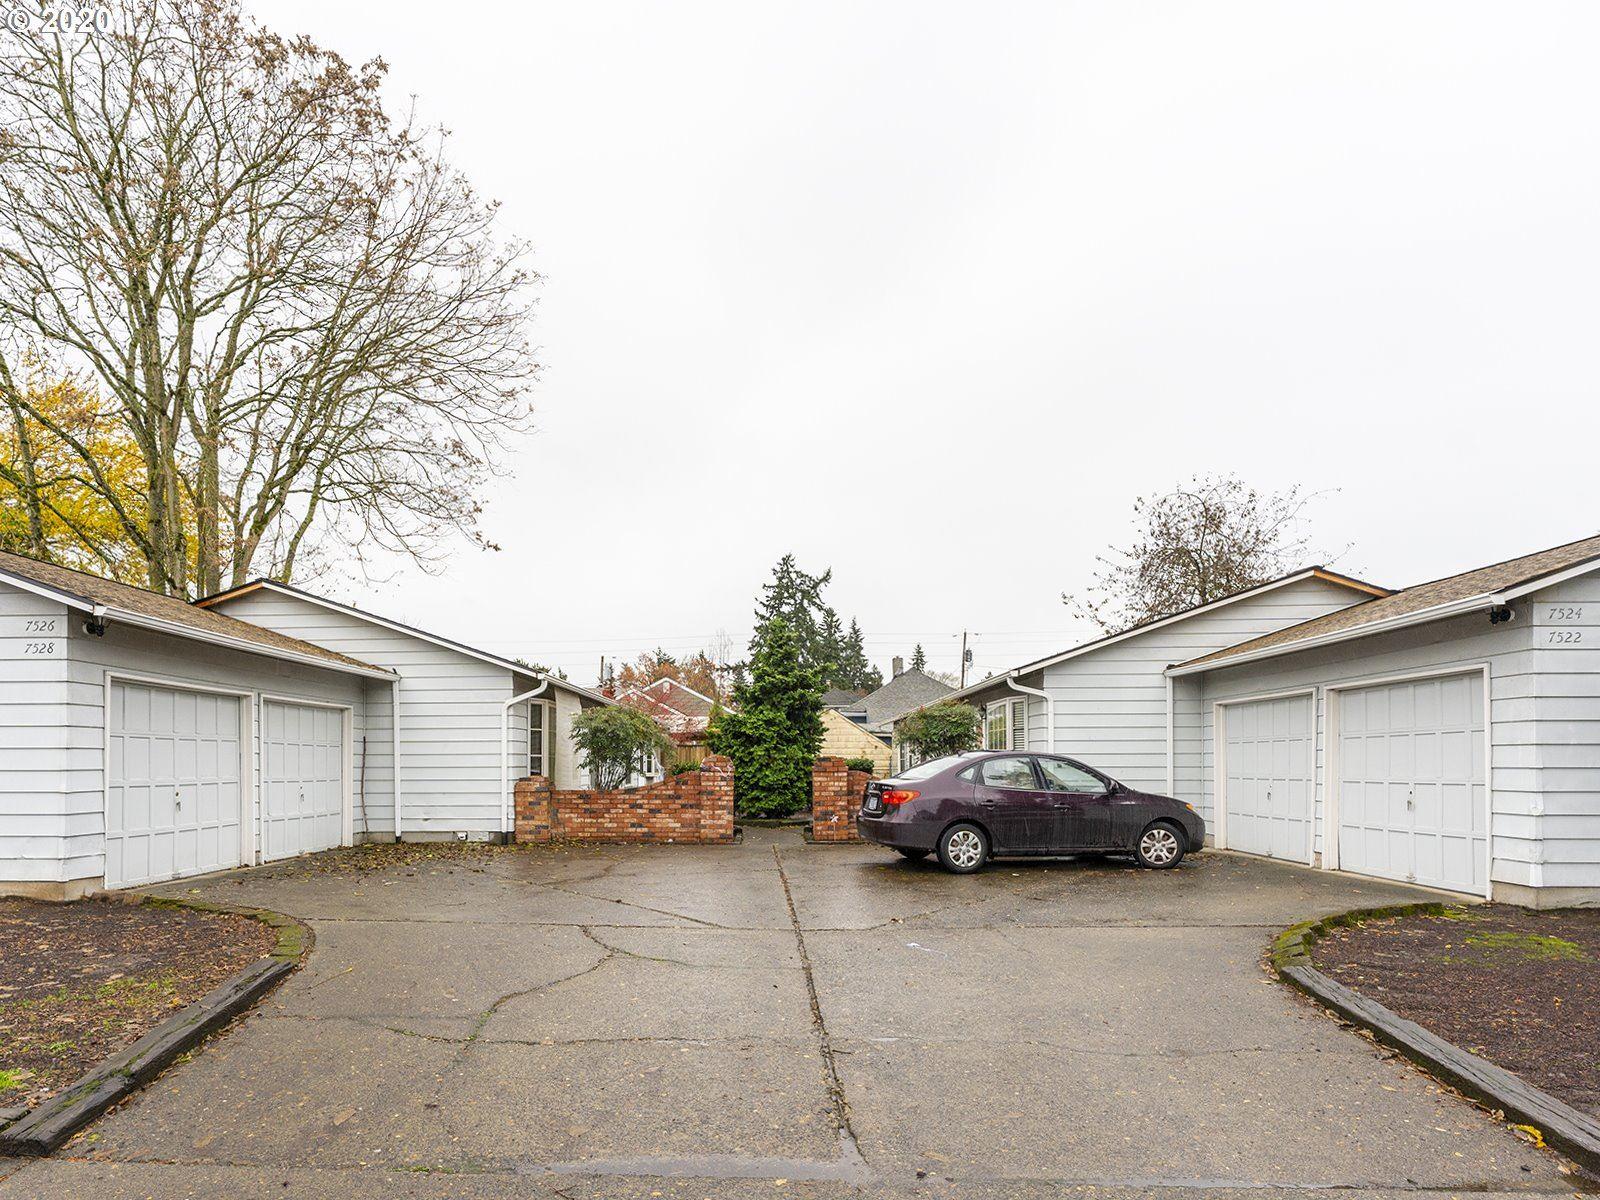 7522 SE STEELE ST, Portland, OR 97206 - MLS#: 20114680